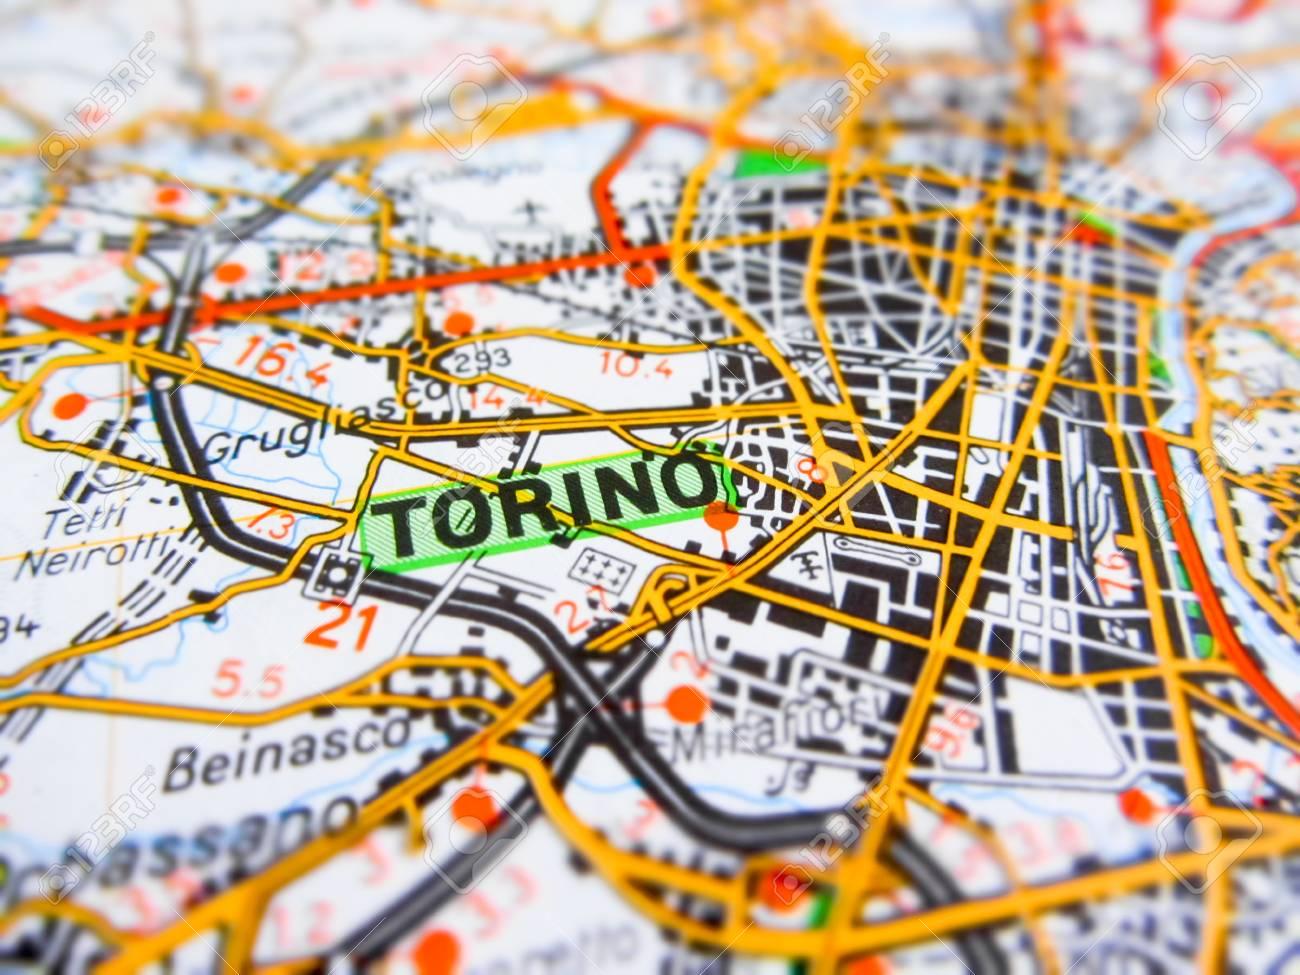 Cartina Italia Torino.Immagini Stock Torino Citta Su Una Cartina Stradale Italia Image 67779006